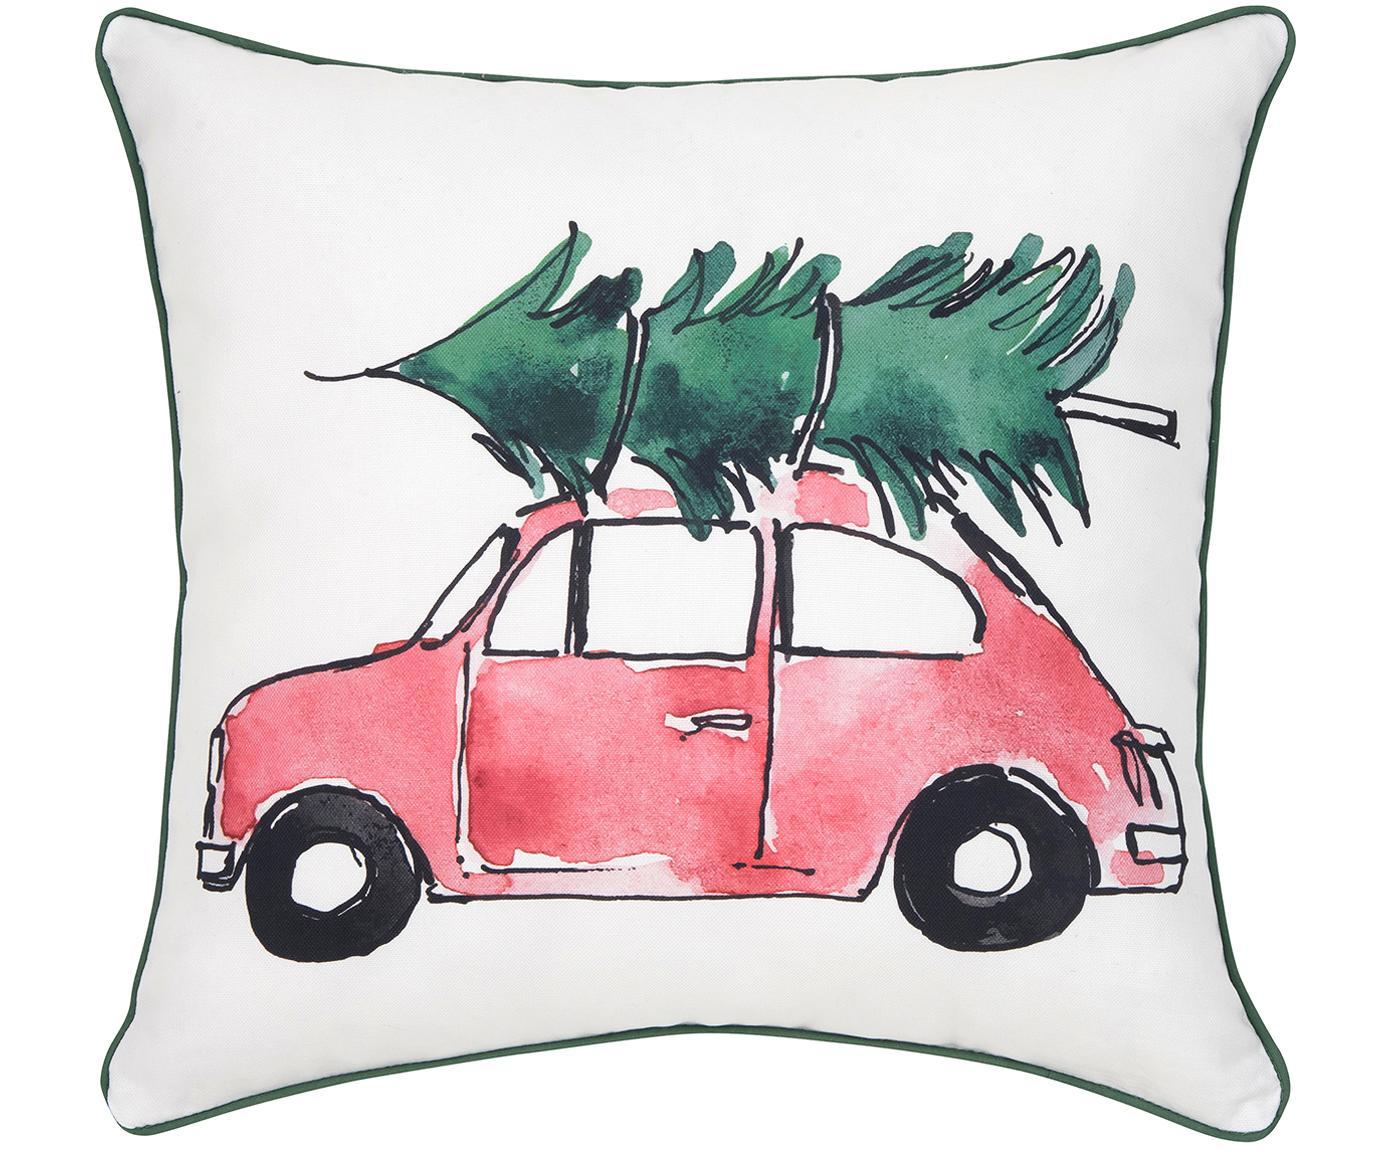 Poszewka na poduszkę Xmas Tree, 100% bawełna, Poduszka: wielobarwny Wykończenie brzegów: zielony, S 40 x D 40 cm